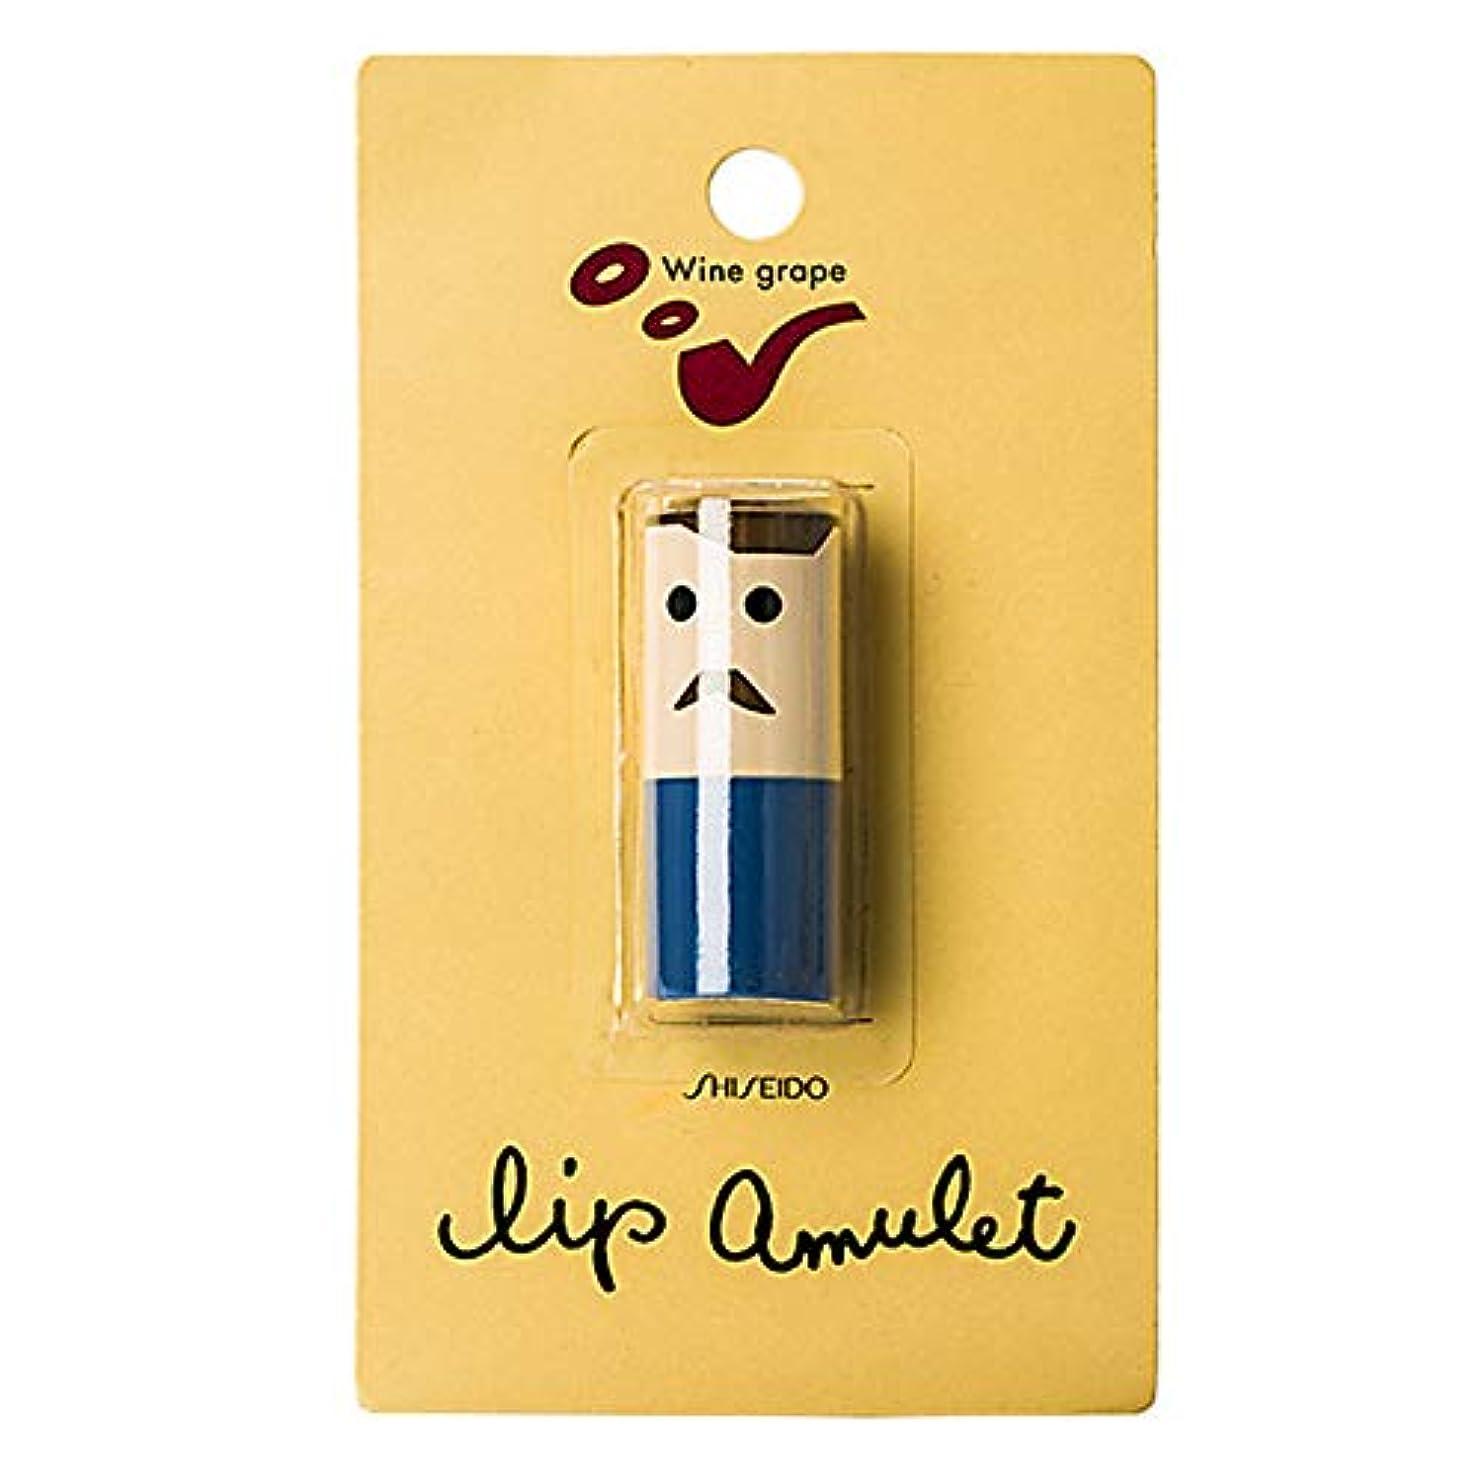 添加剤底飛行場【台湾限定】資生堂 Shiseido リップアミュレット Lip Amulet お土産 コスメ 色つきリップ 単品 葡萄酒紅 (ワイングレープ) [並行輸入品]